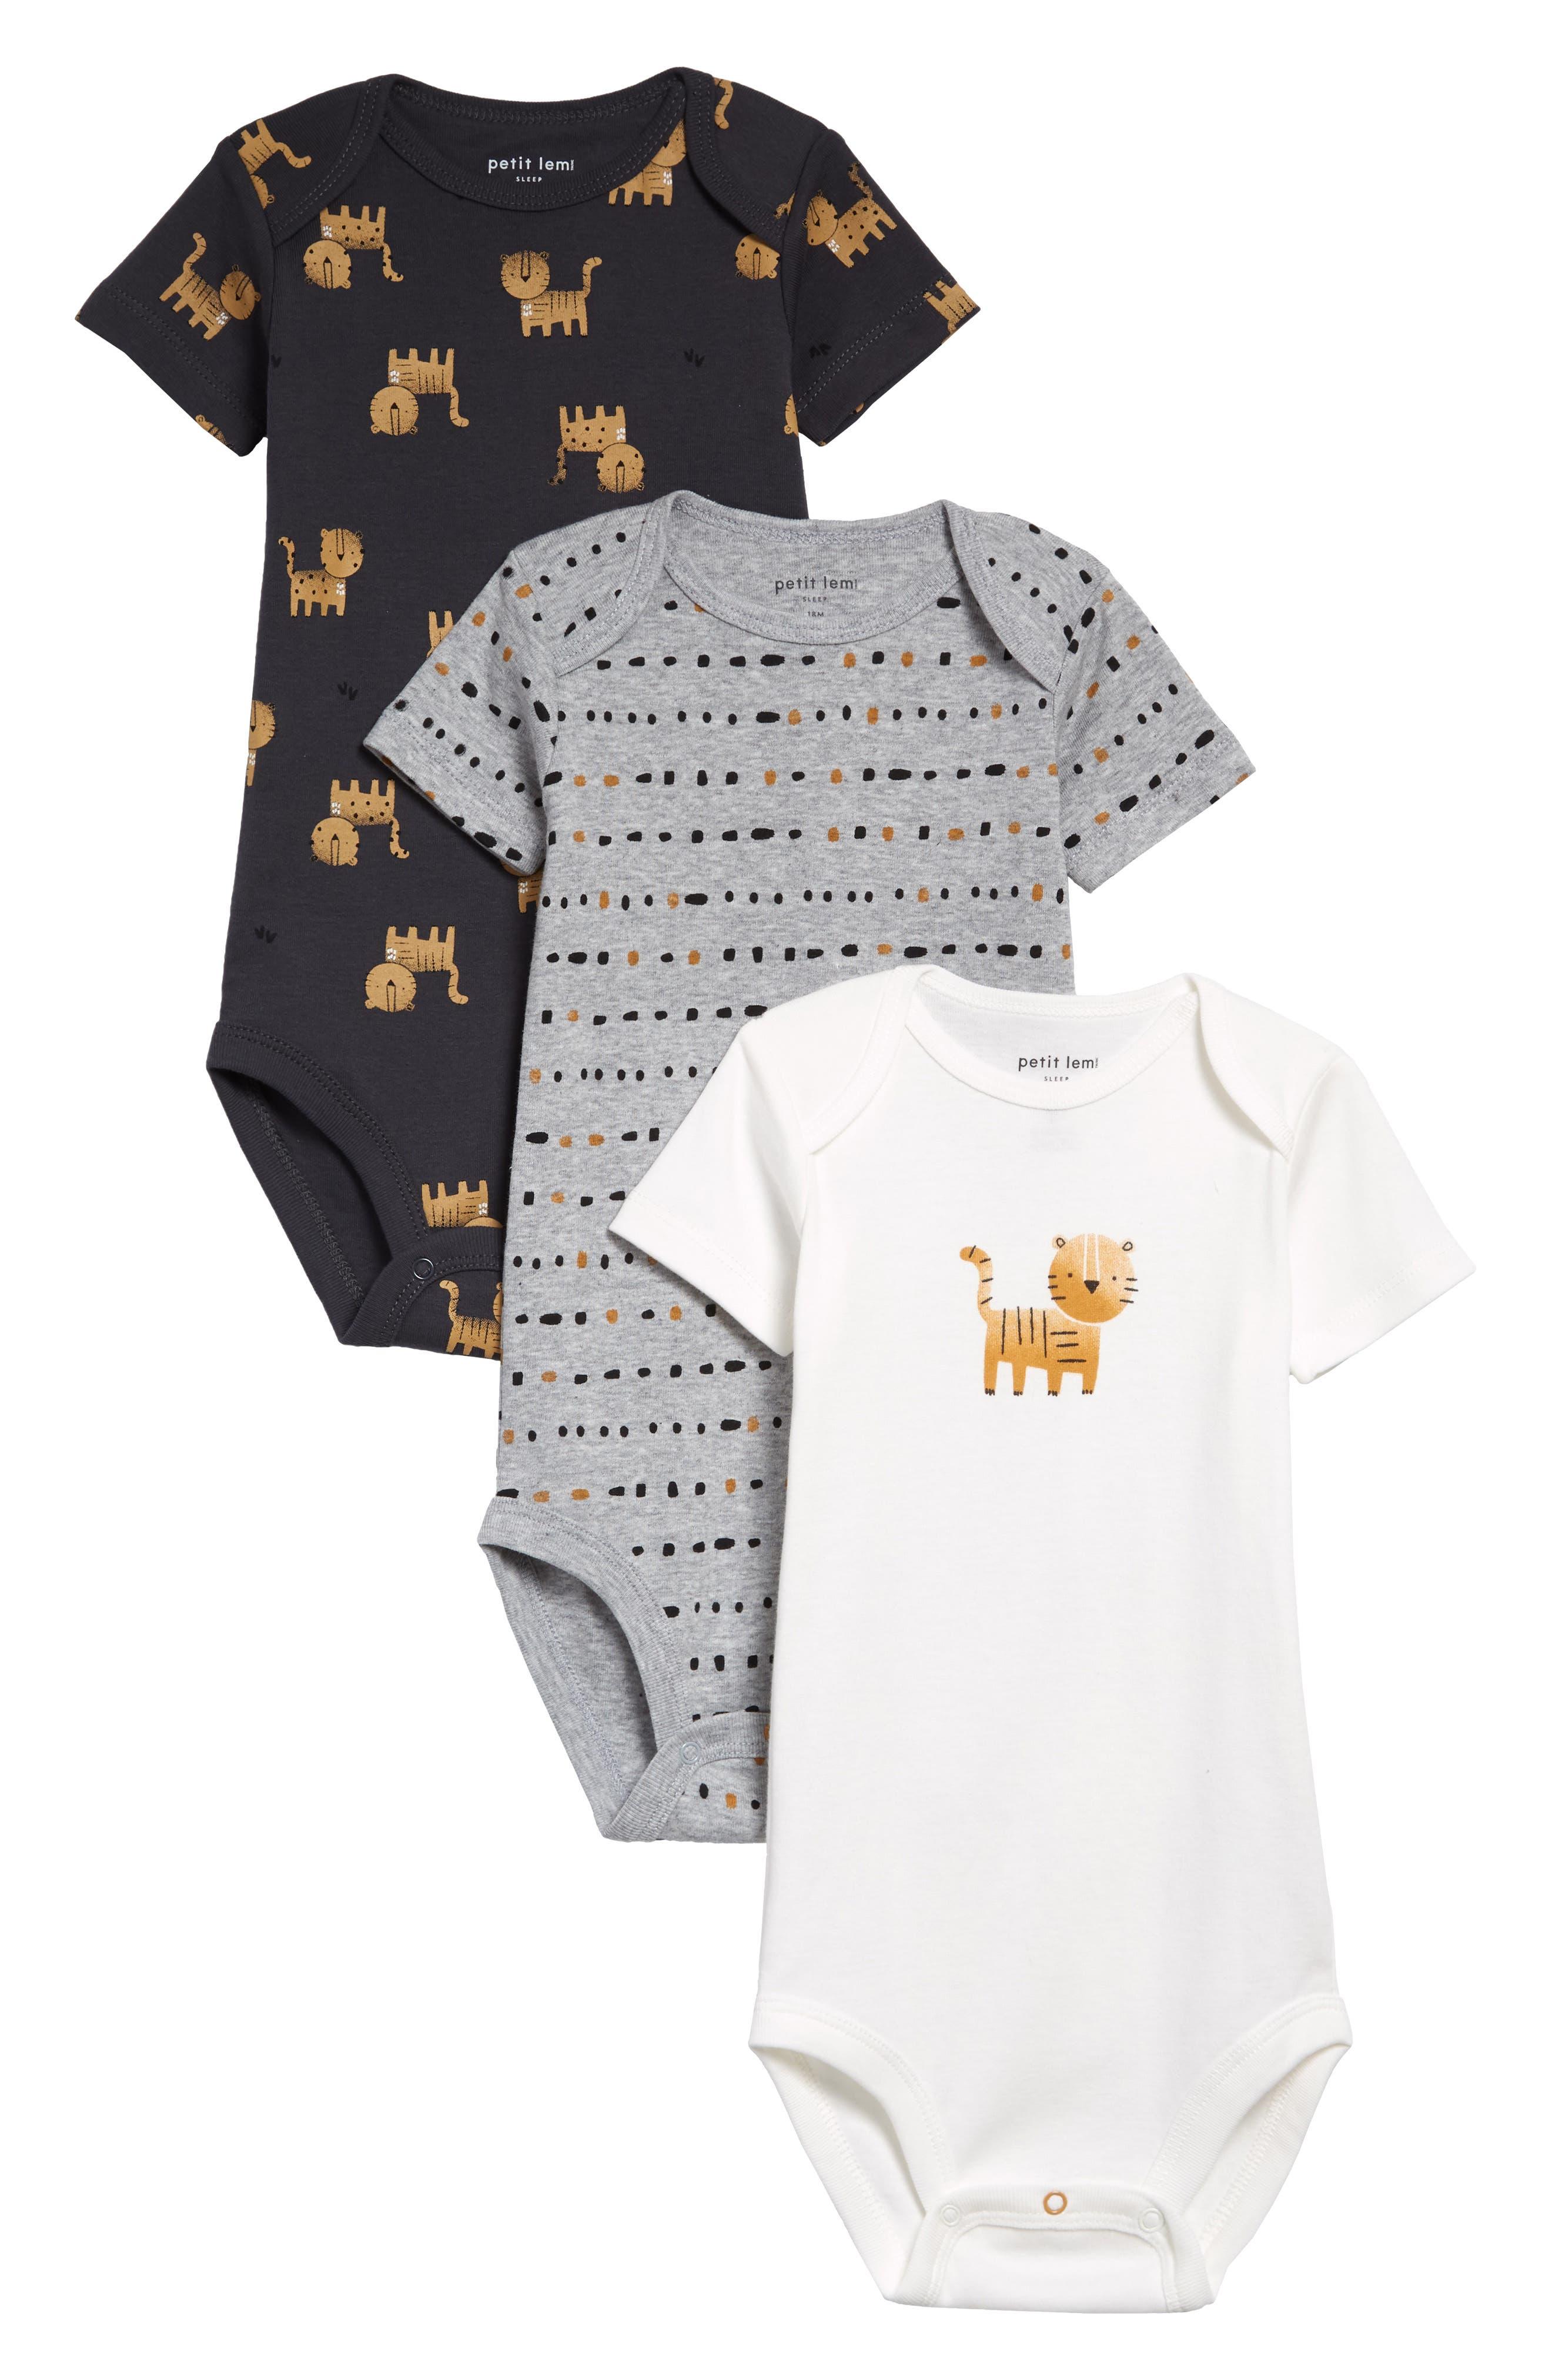 Dream New Parents Top Baby Bodysuit